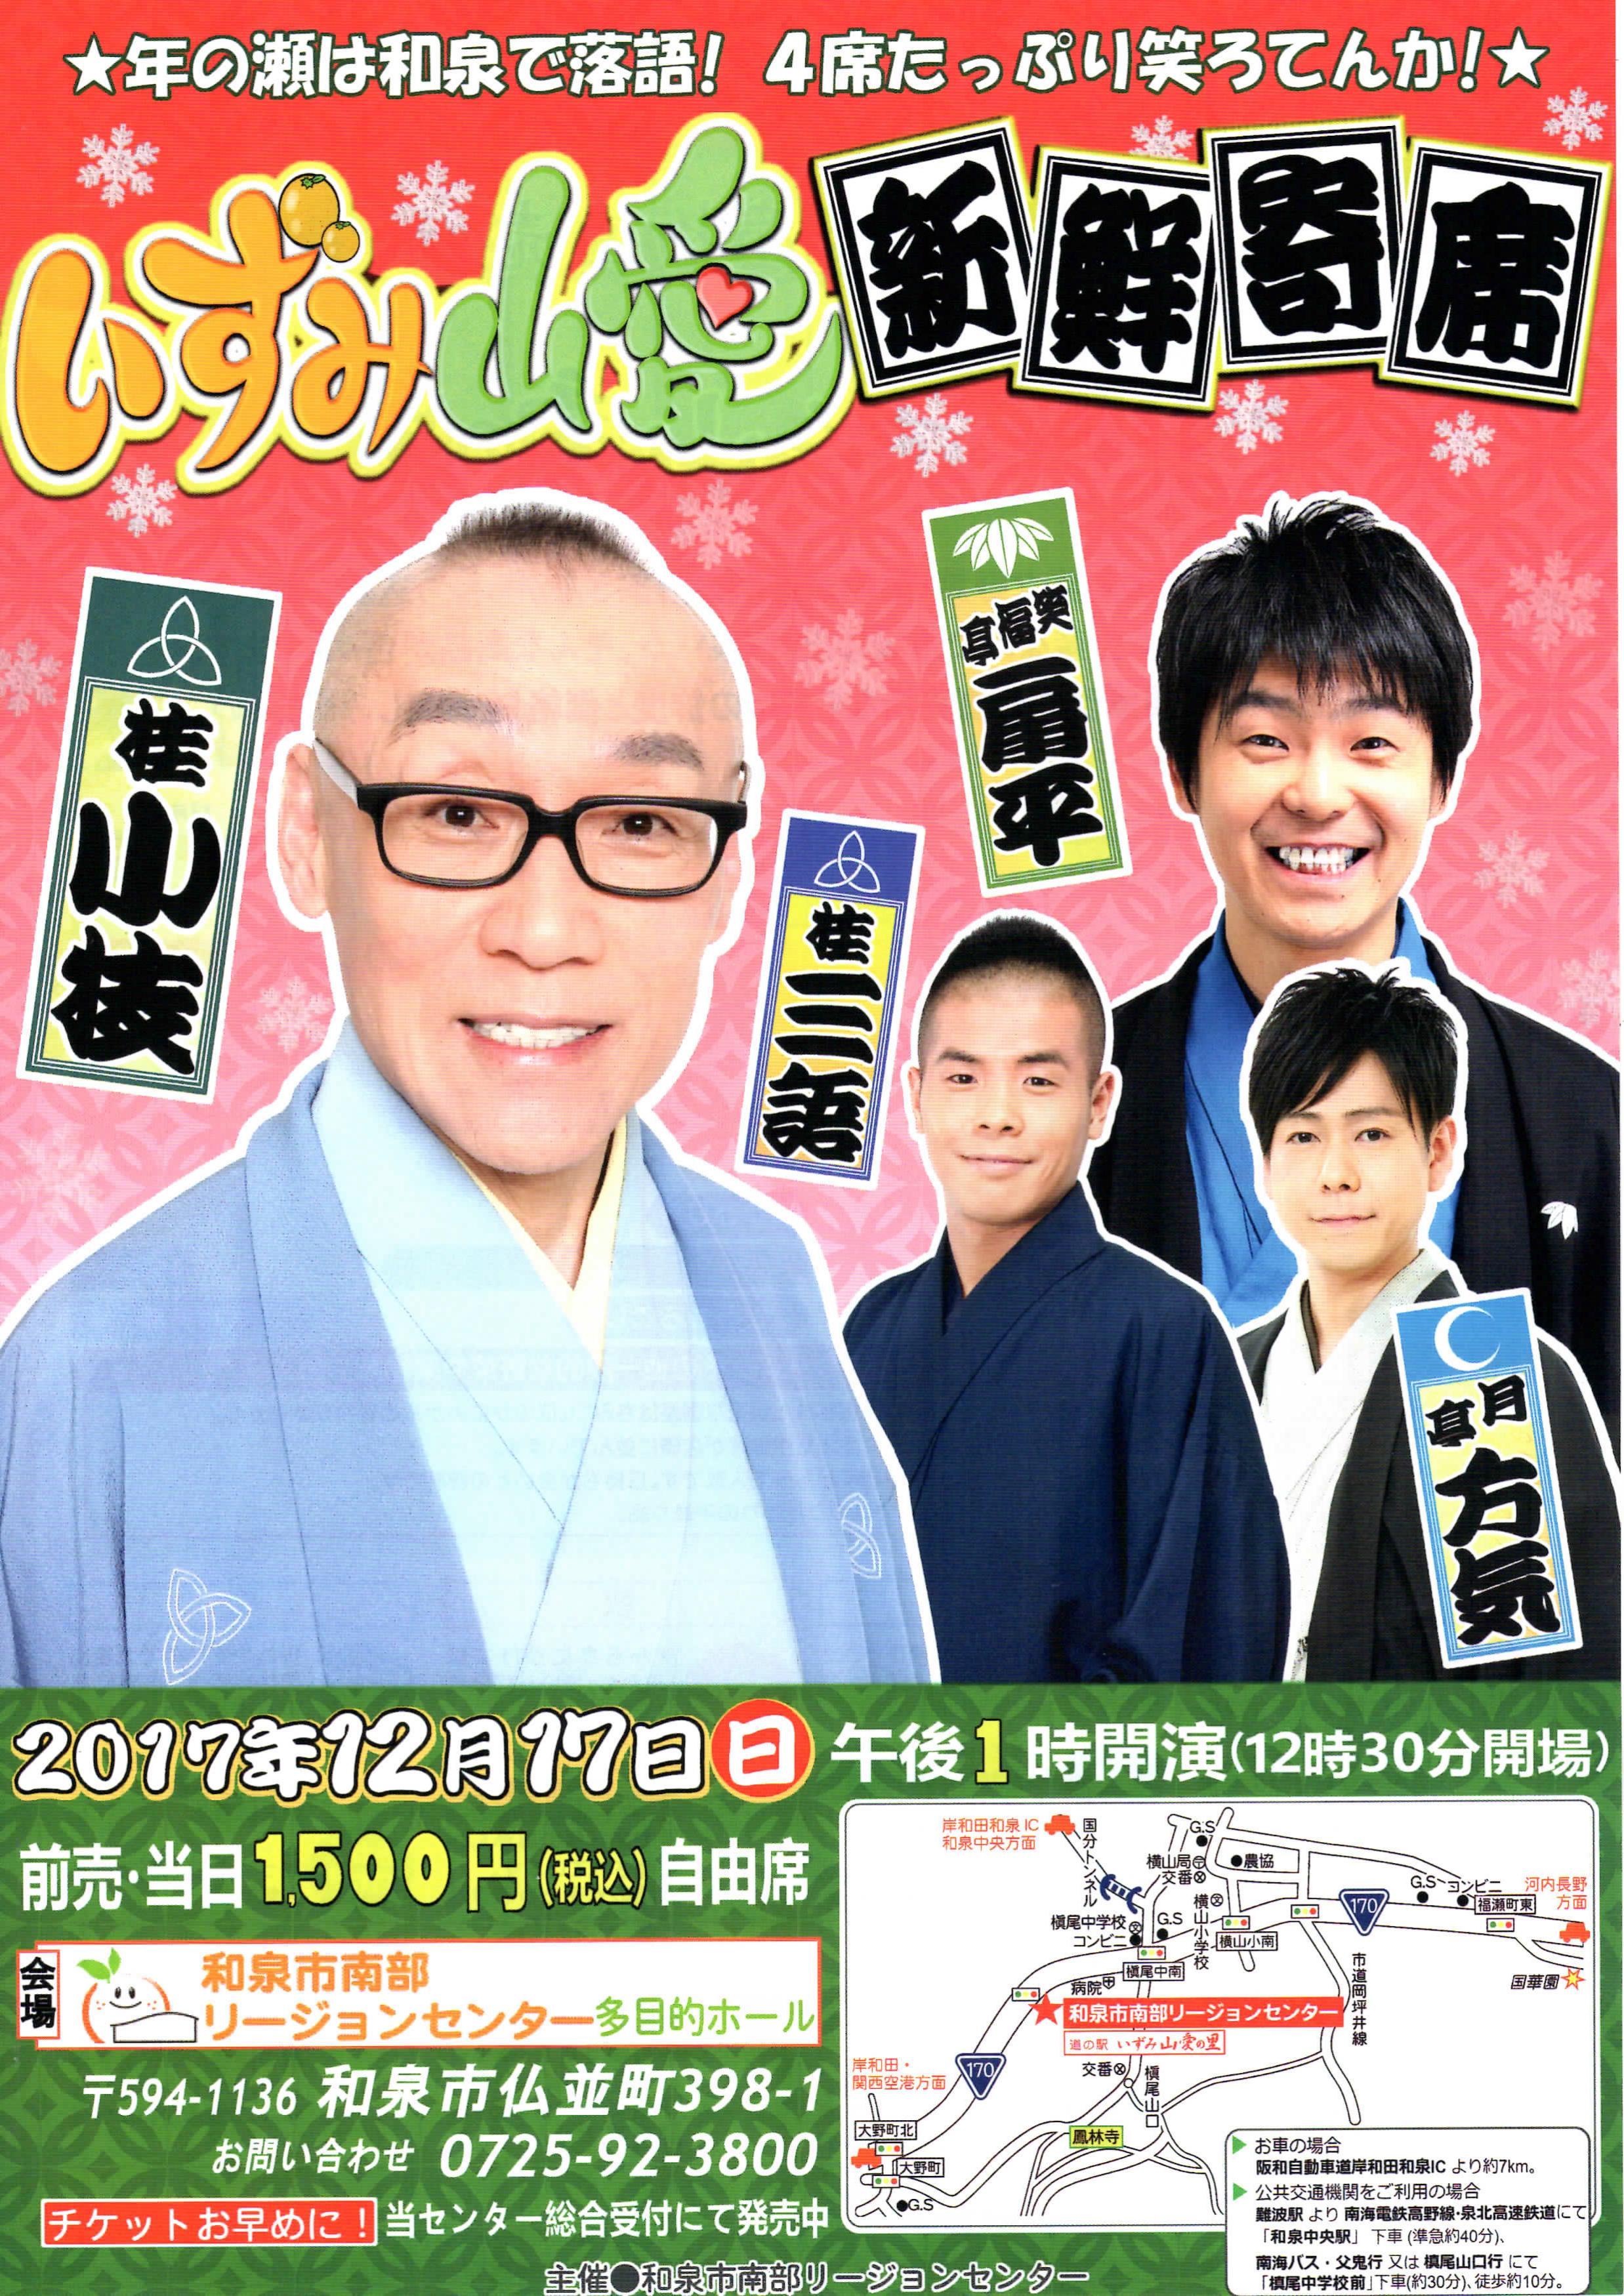 【いずみ山愛  新鮮寄席】12月17日(日)  開催!!